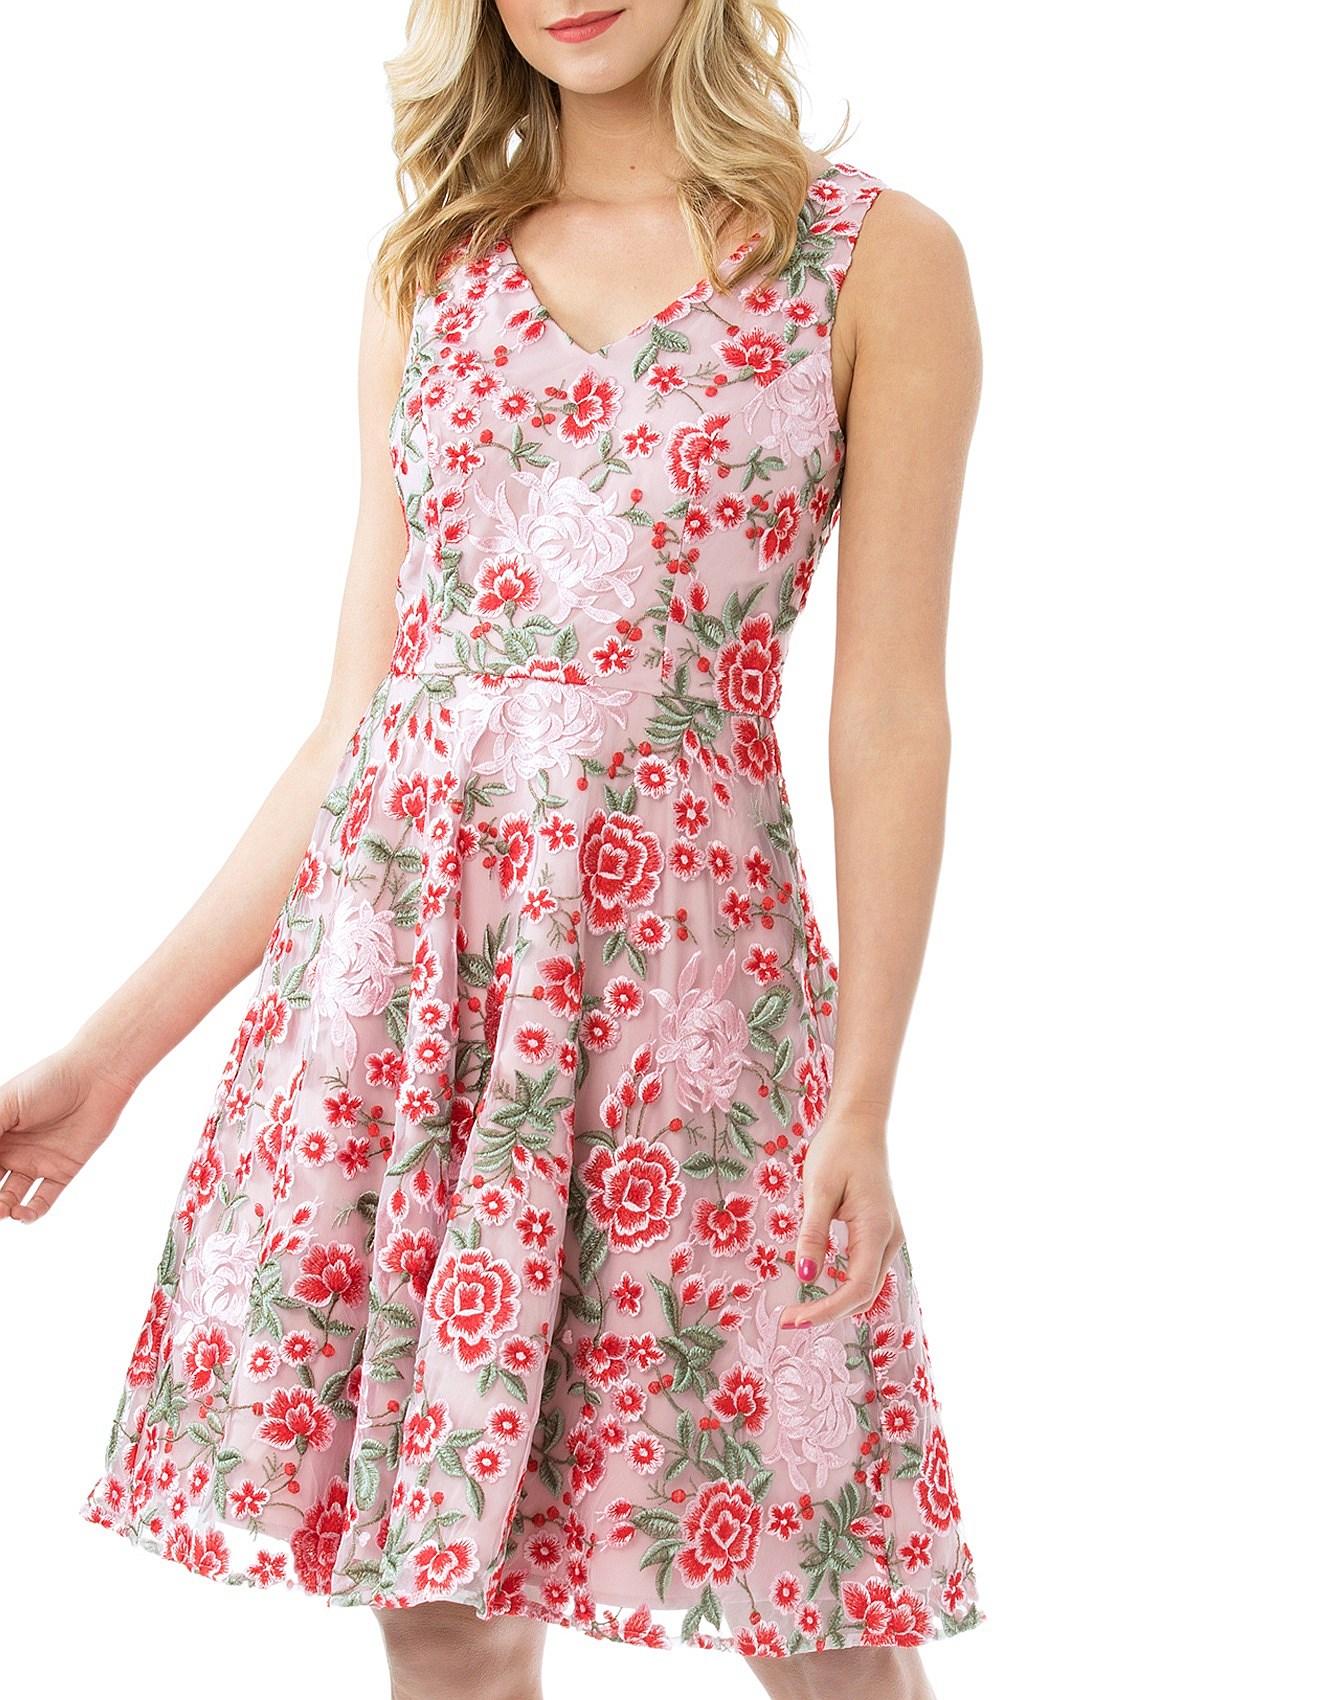 Designer Women S Clothes Fashion Online David Jones Wild Flower Dress